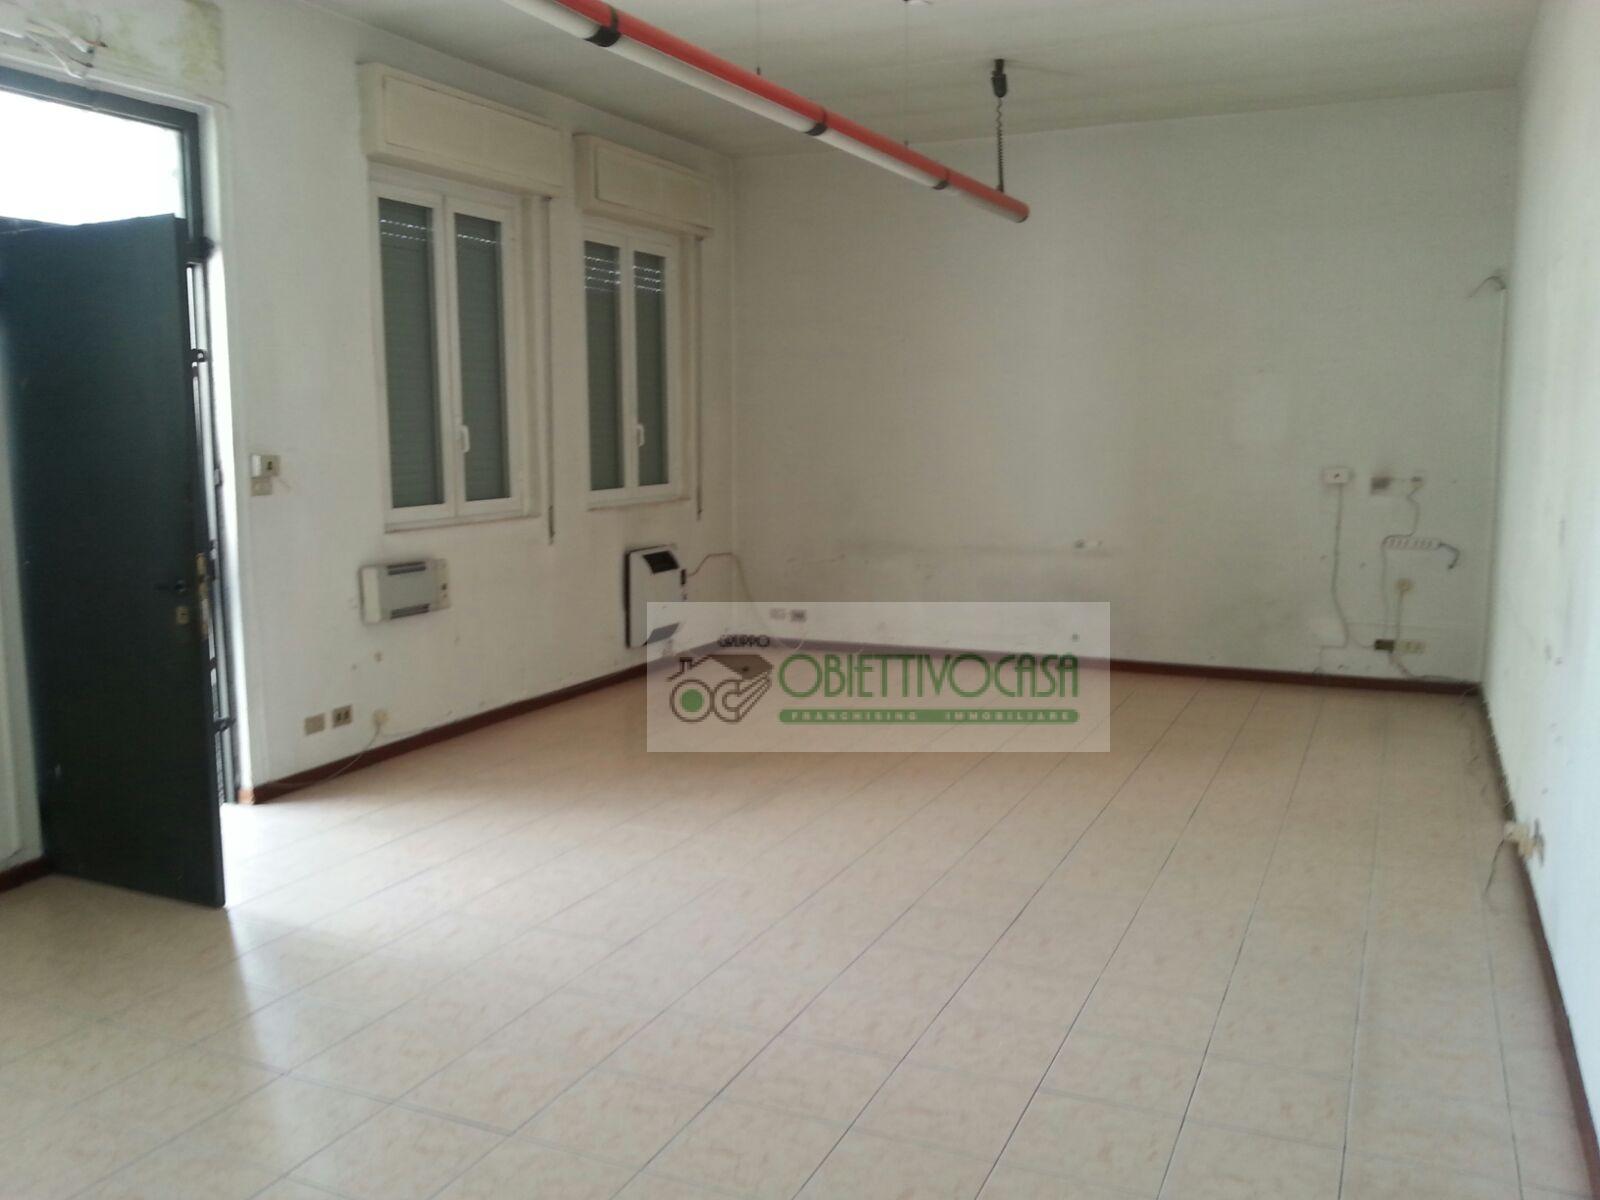 Capannone in affitto a Trezzano sul Naviglio, 9999 locali, zona Località: Zingone, prezzo € 12.000 | CambioCasa.it